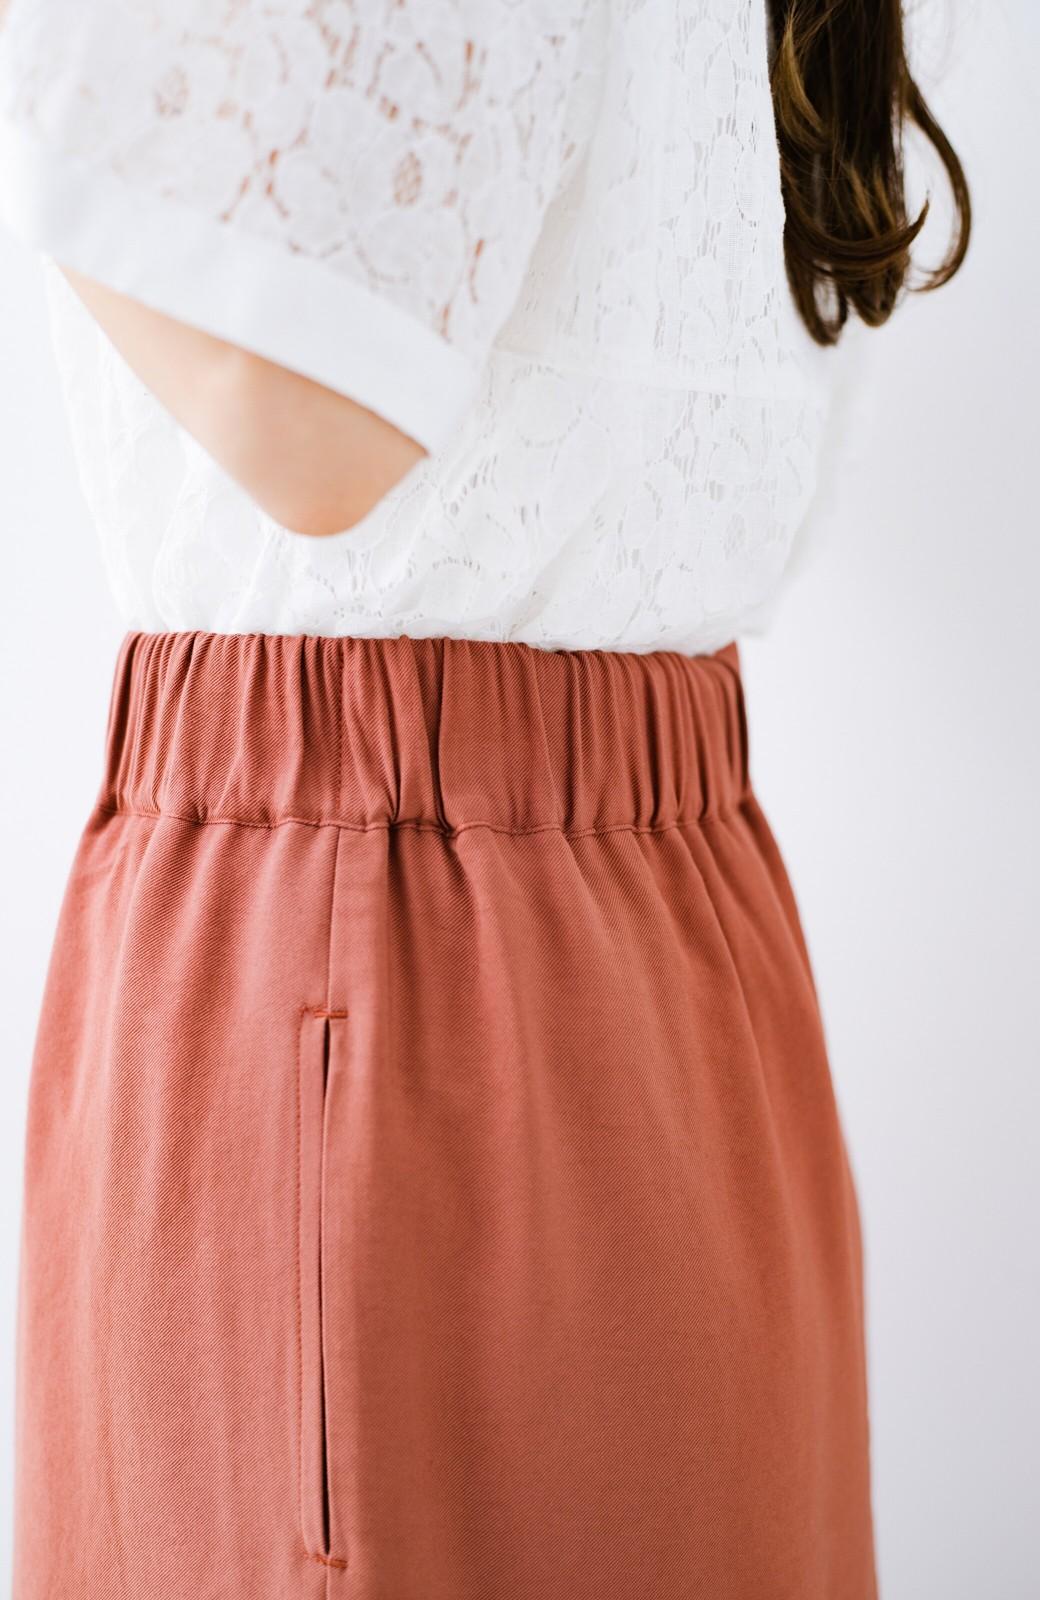 haco! ふんわりシルエットが華やかな大人ギャザースカート <スモークピンク>の商品写真6